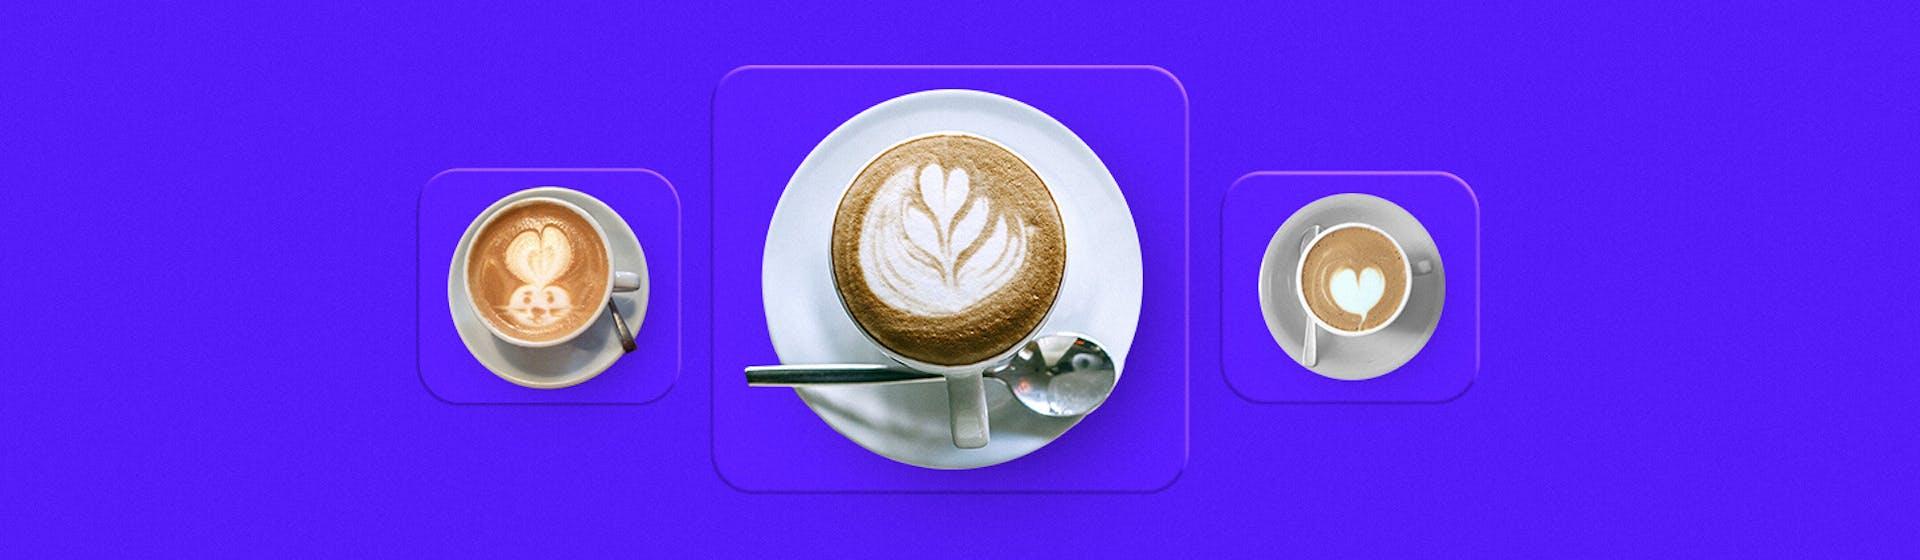 Descubre la magia del barismo y aprende a preparar café como los expertos